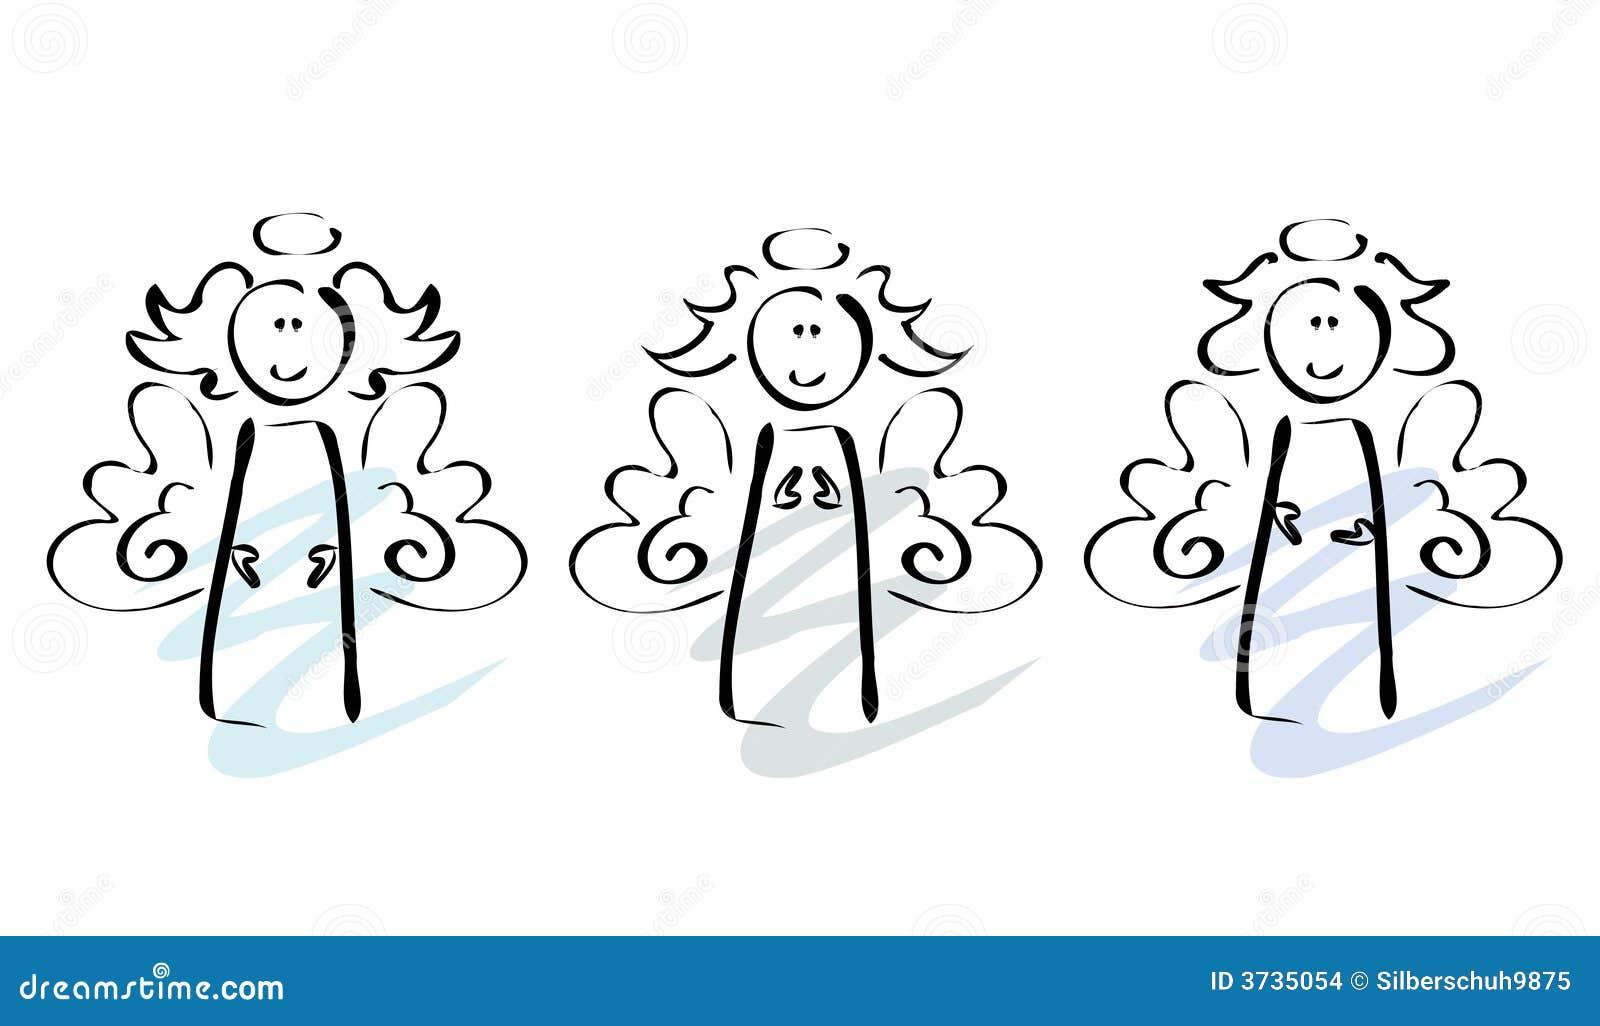 3 engel fur charlie fratzi scena - 1 10